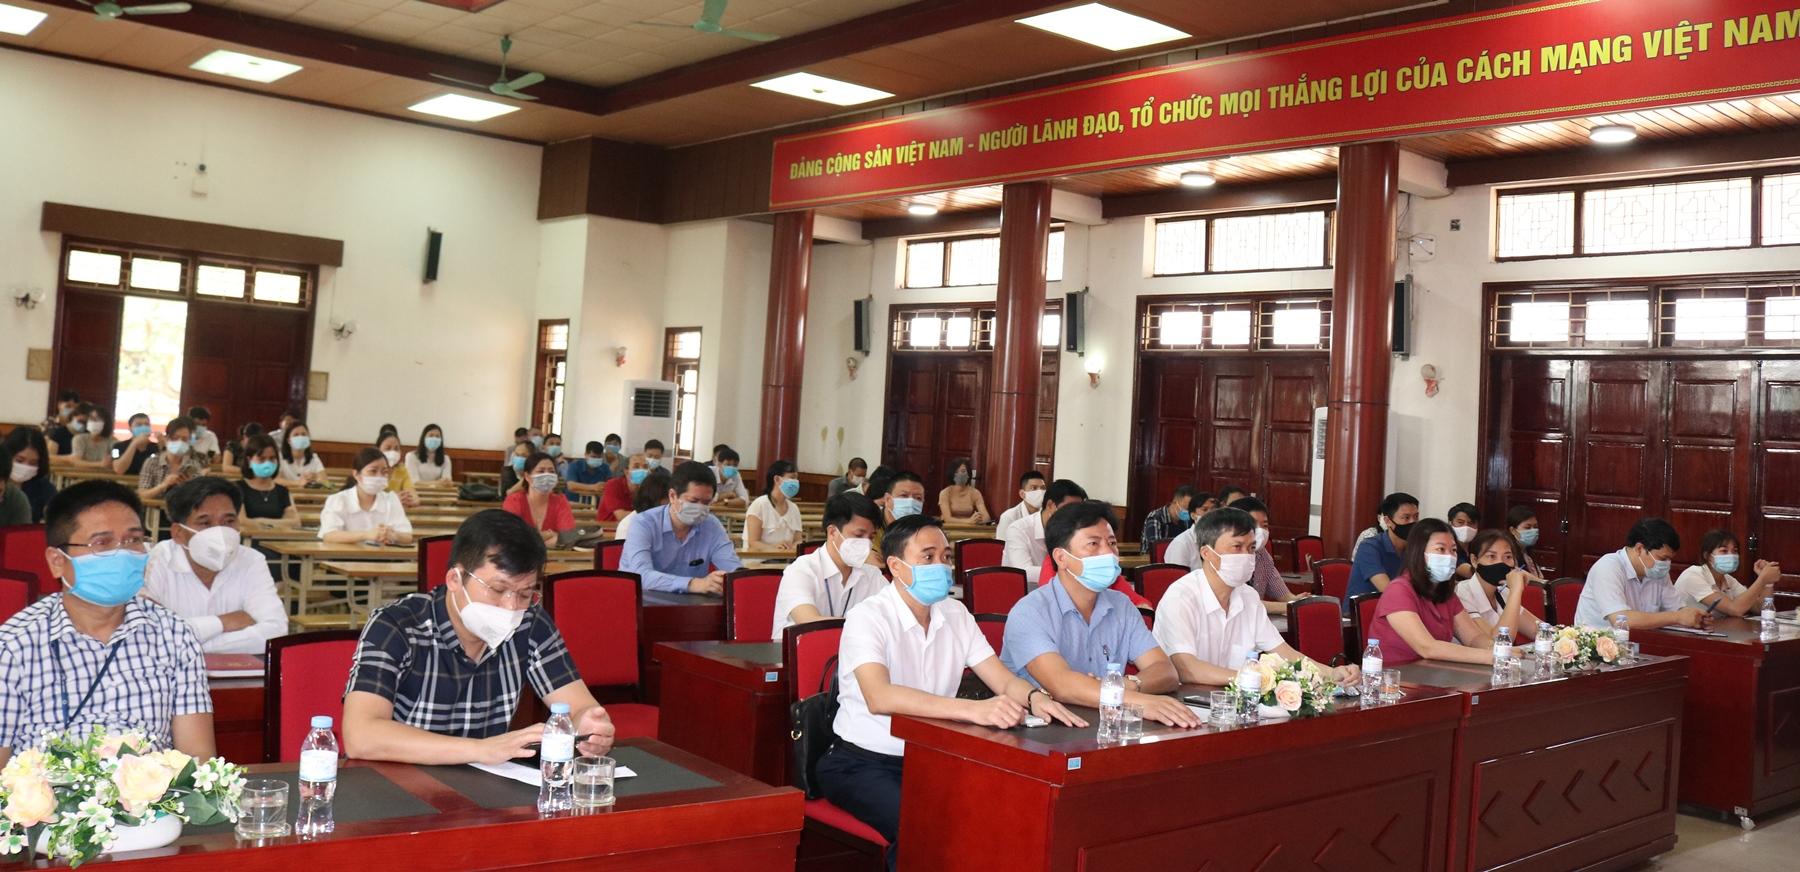 """Hội nghị """"Tiếp xúc cử tri để vận động bầu cử đối với những Người ứng cử Đại biểu Hội đồng nhân dân huyện Văn Lâm khóa XX, Nhiệm kỳ 2016-2021"""" với Cử tri Trường Đại học Tài chính – Quản trị kinh doanh"""